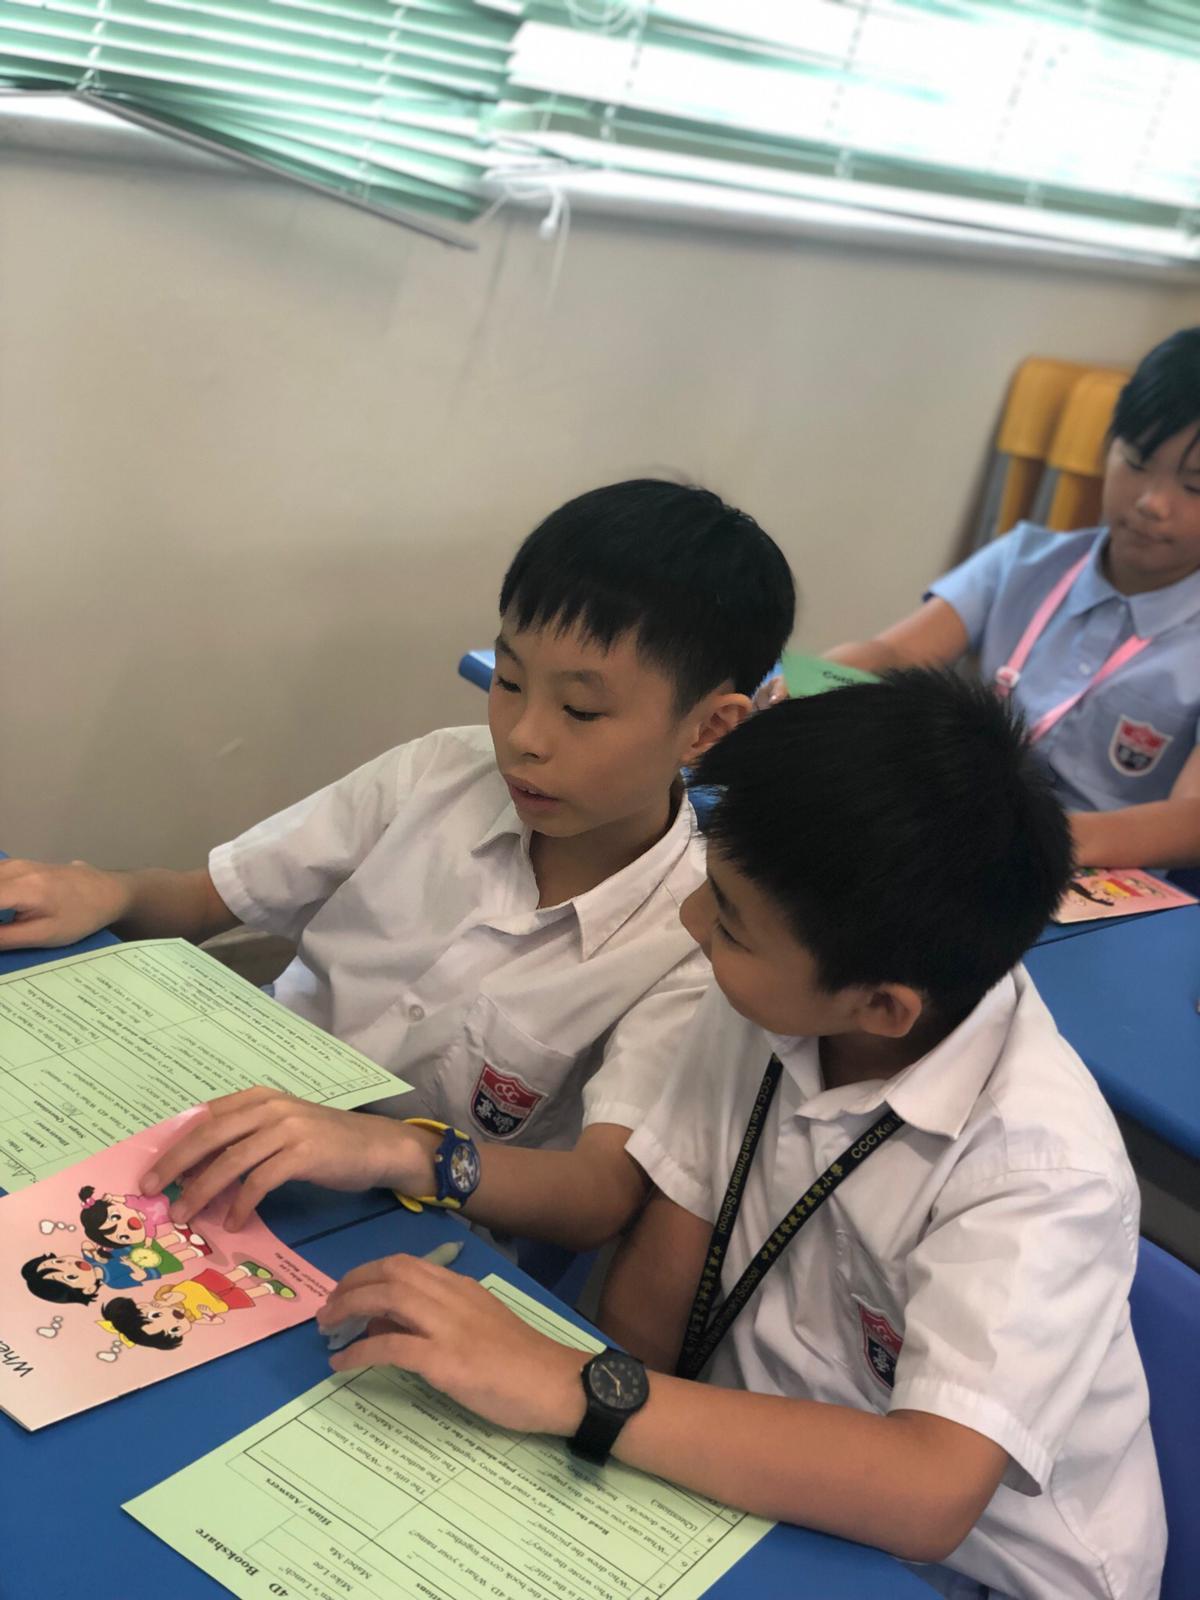 http://www.keiwan.edu.hk/sites/default/files/img-20191005-wa0025.jpg